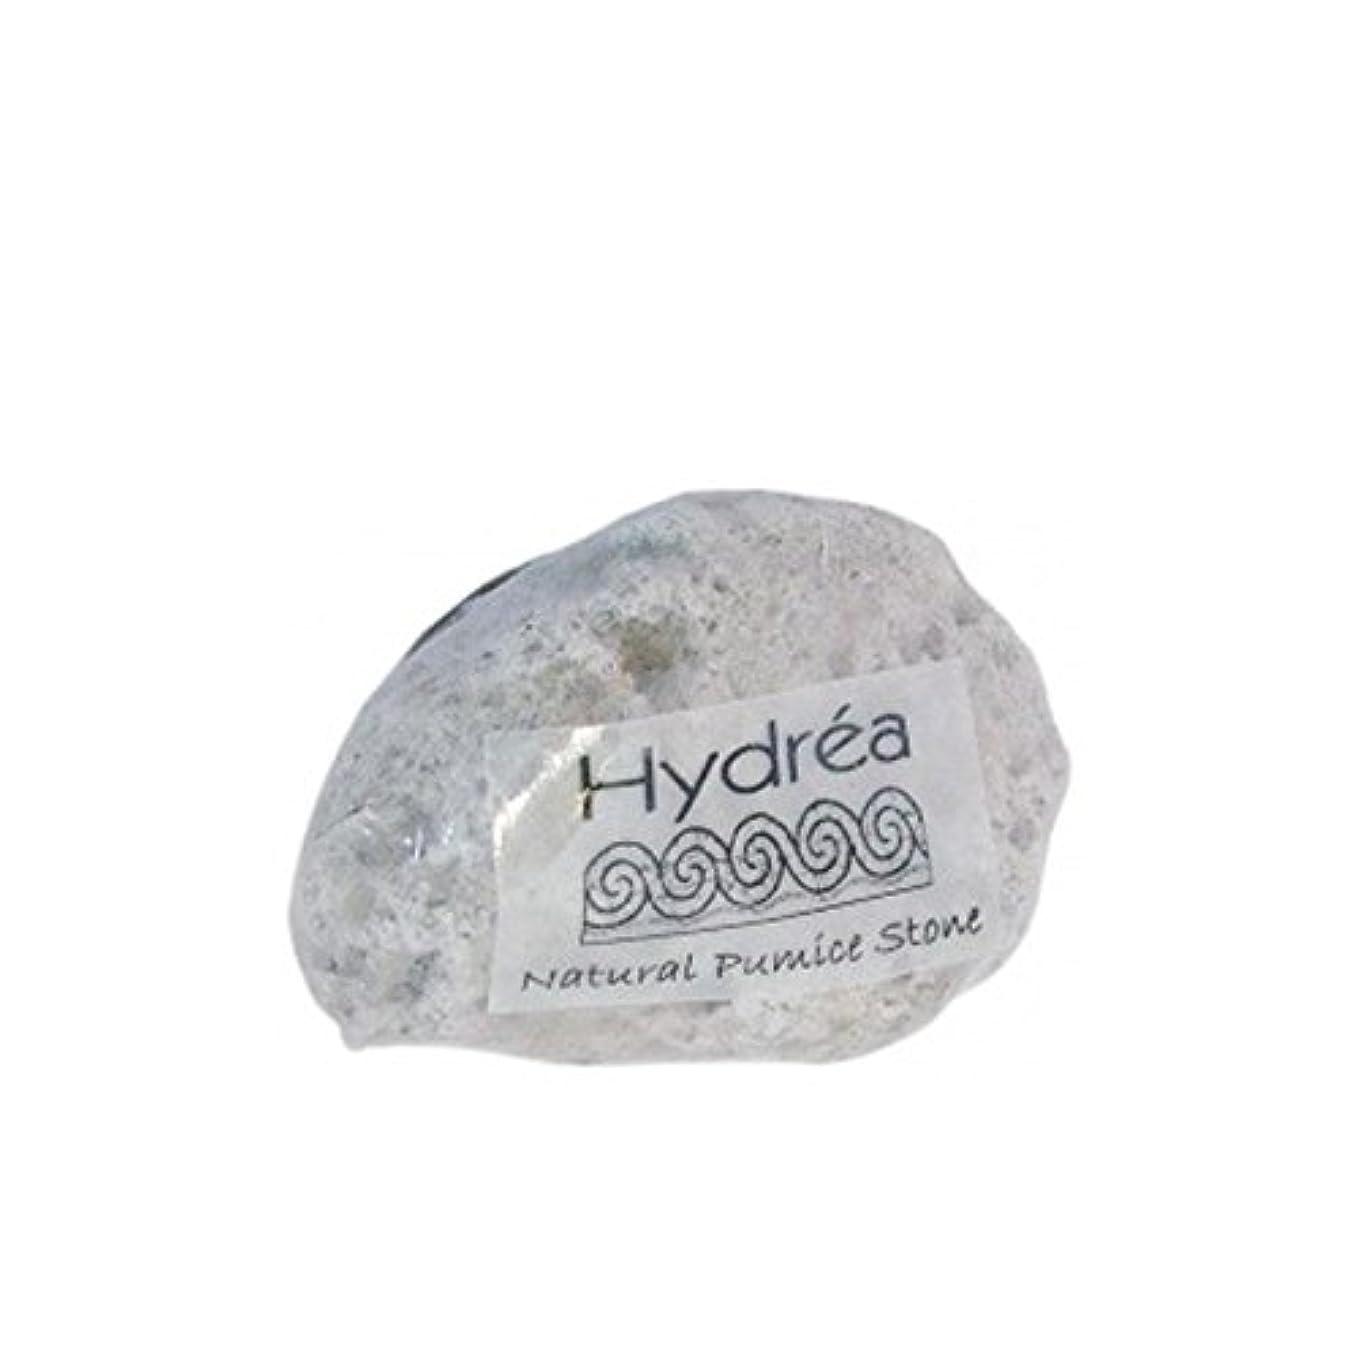 遺伝的農奴名前を作るハイドレアロンドン - 自然軽石 x4 - Hydrea London - Natural Pumice Stone (Pack of 4) [並行輸入品]